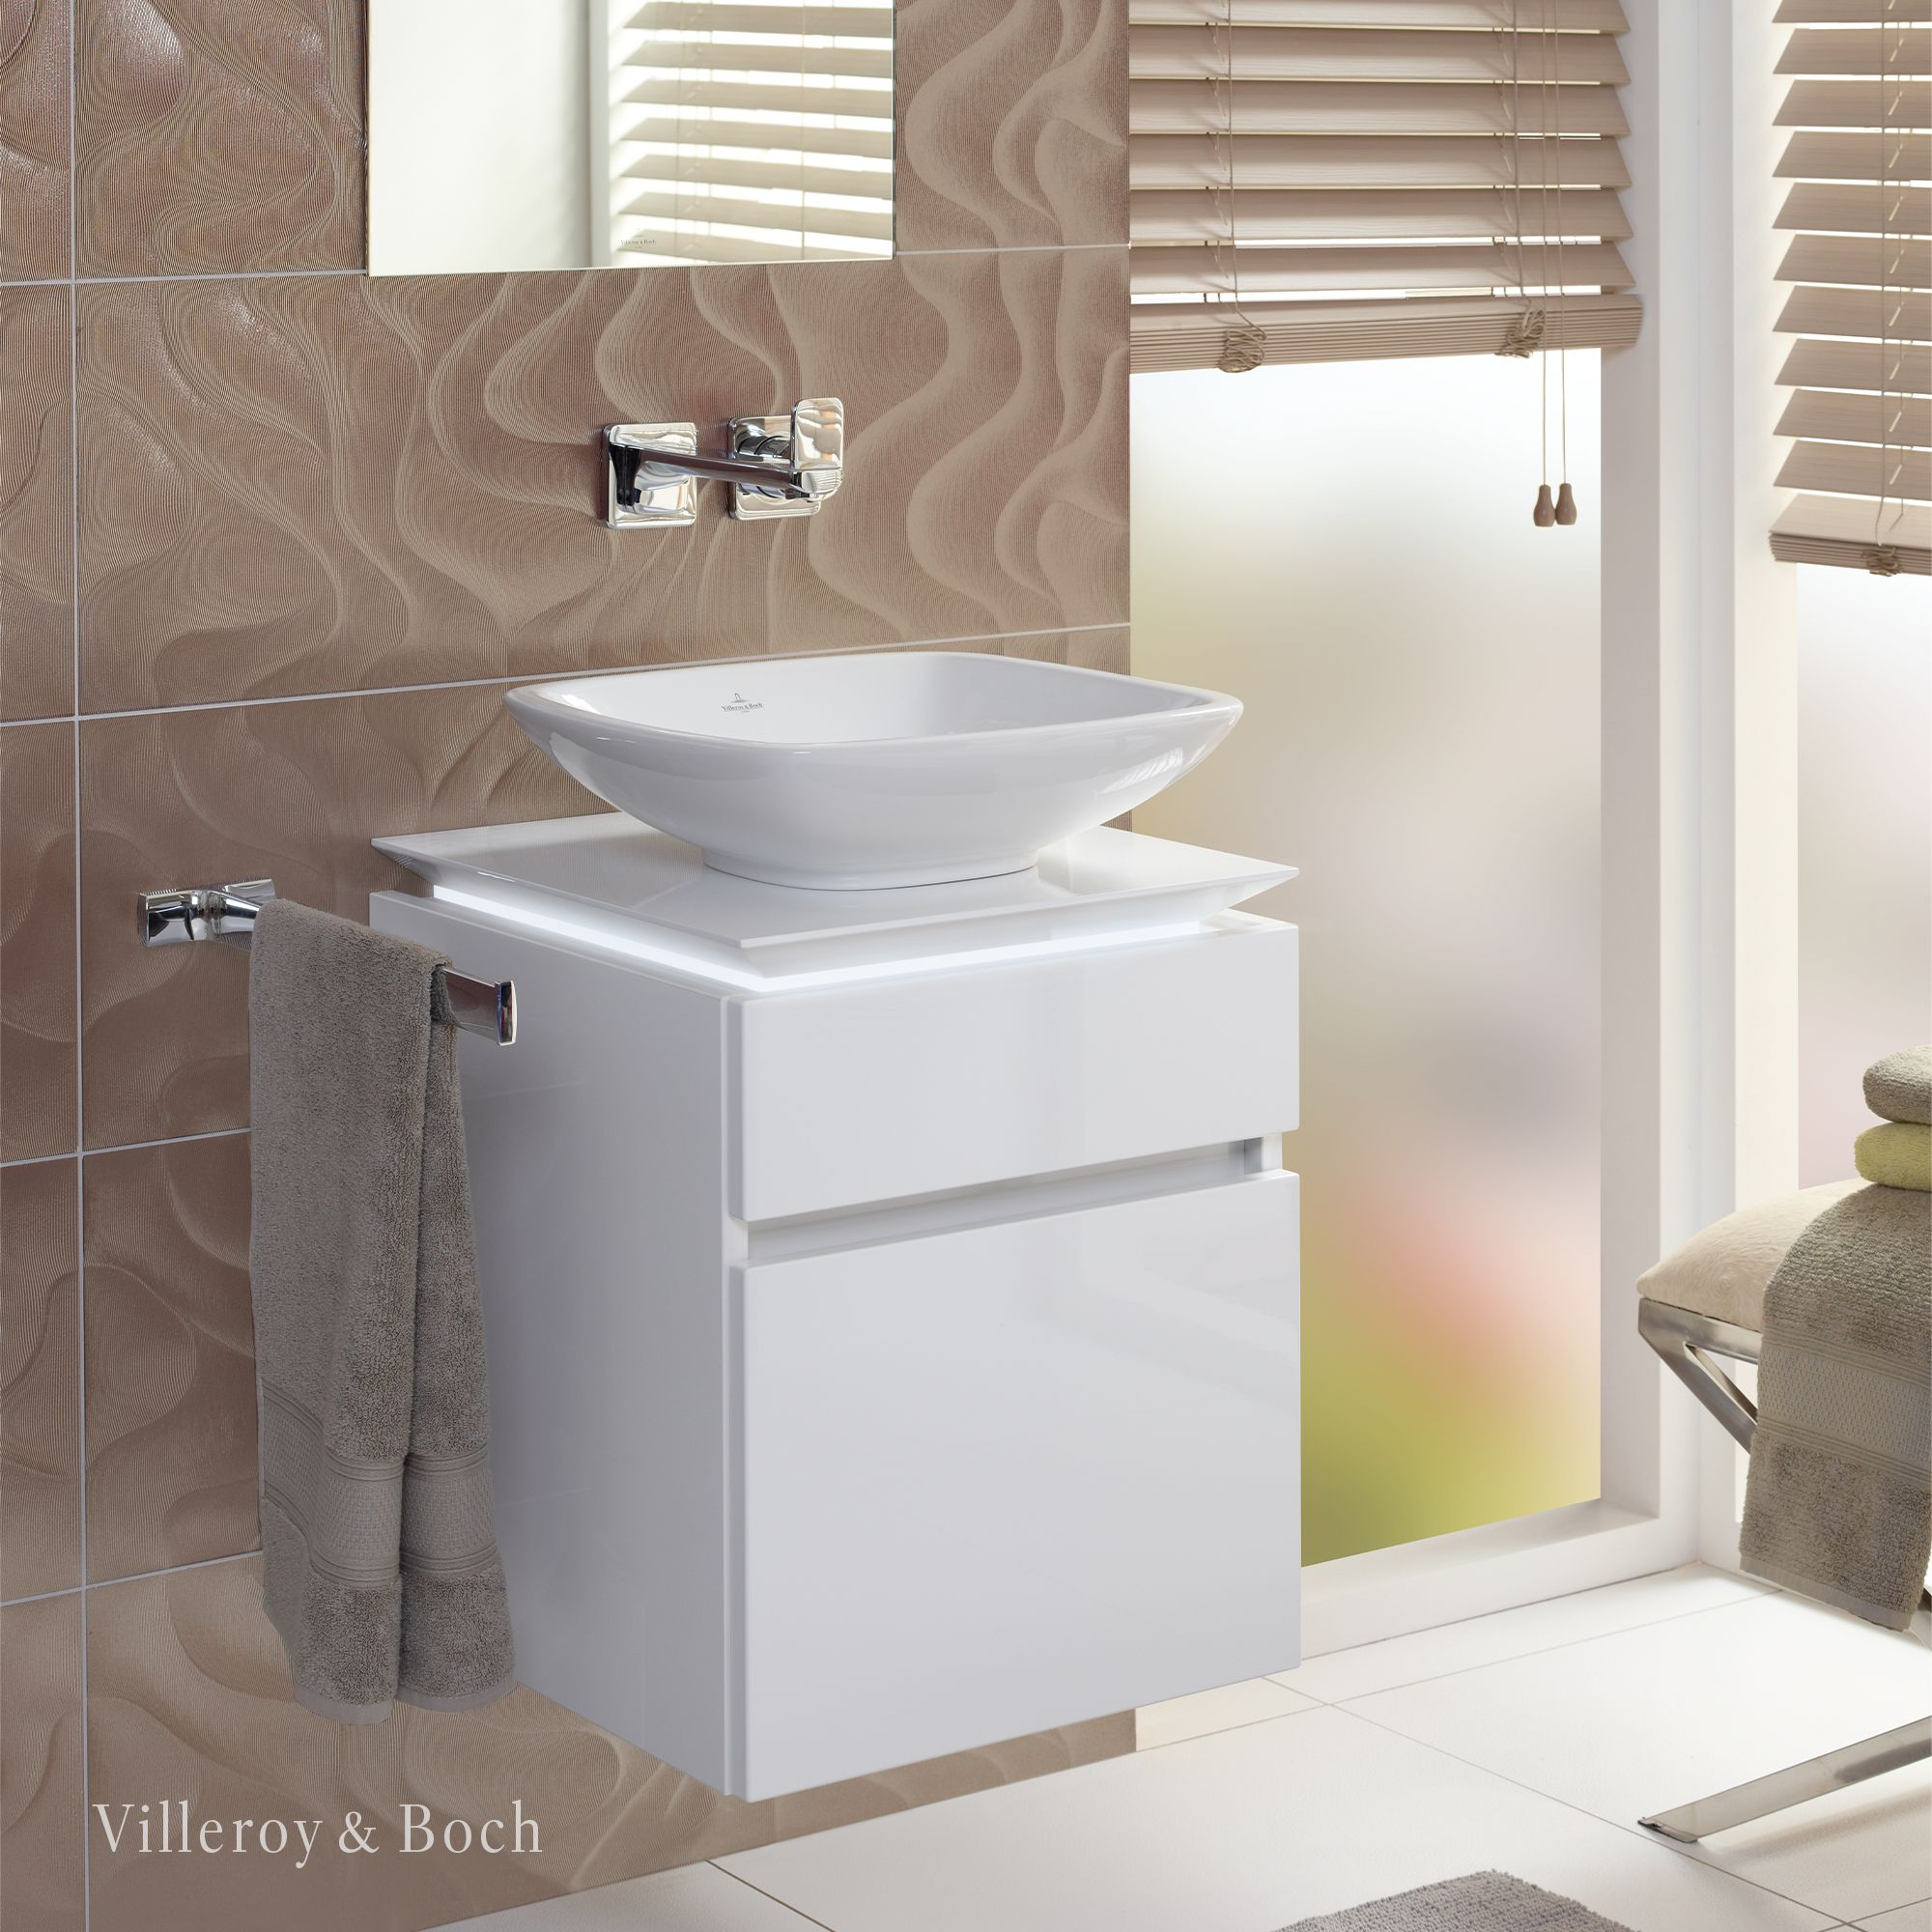 Ordnung Im Kleinen Bad In 2020 Badezimmerwaschtisch Badezimmerideen Badezimmer Design